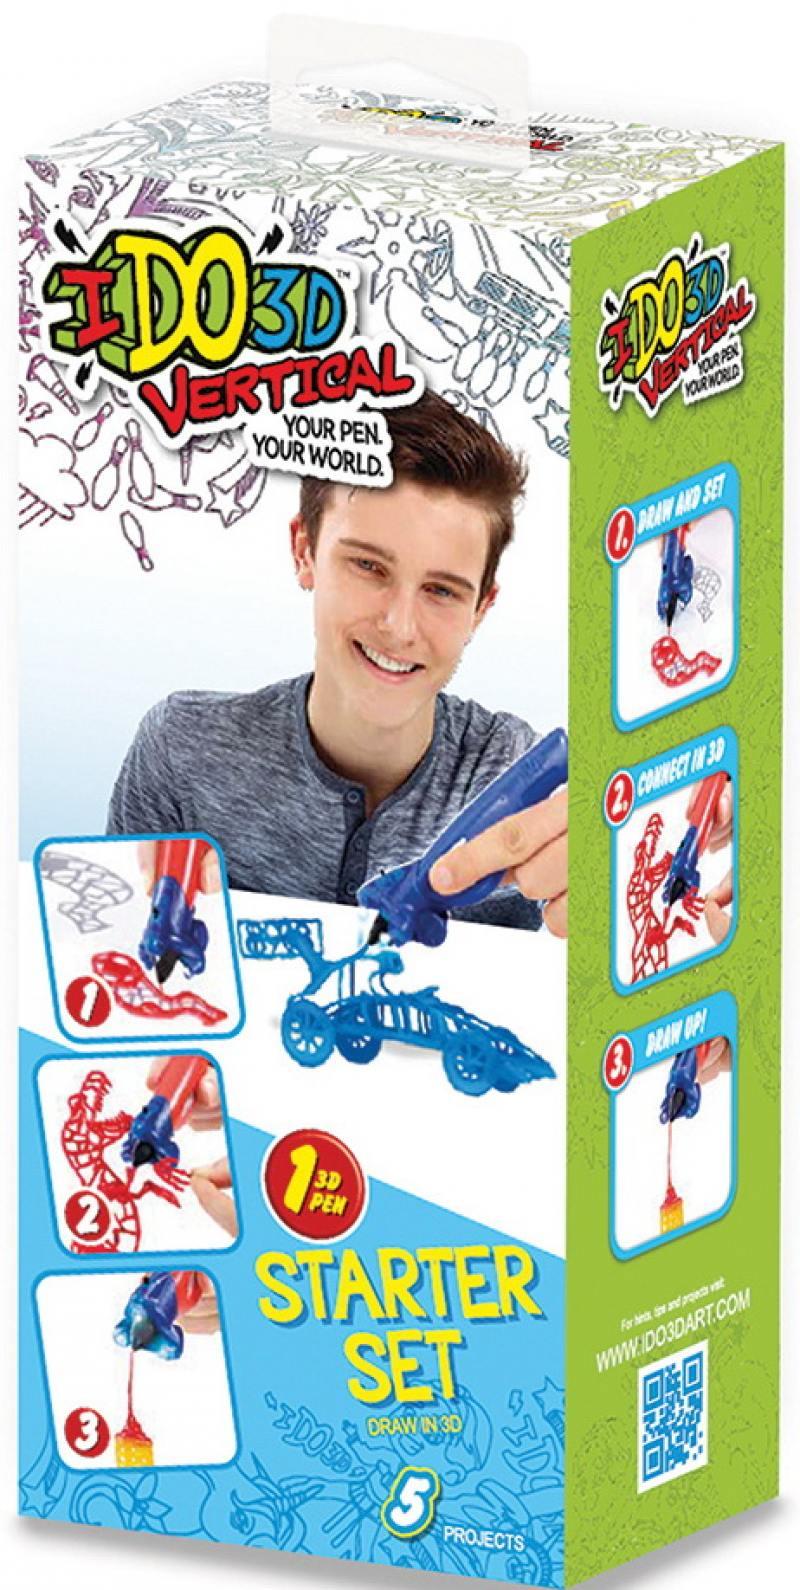 Ручка 3D Вертикаль REDWOOD 3D 1шт Машинки синий 3d ручка redwood вертикаль машинки blue 155837m